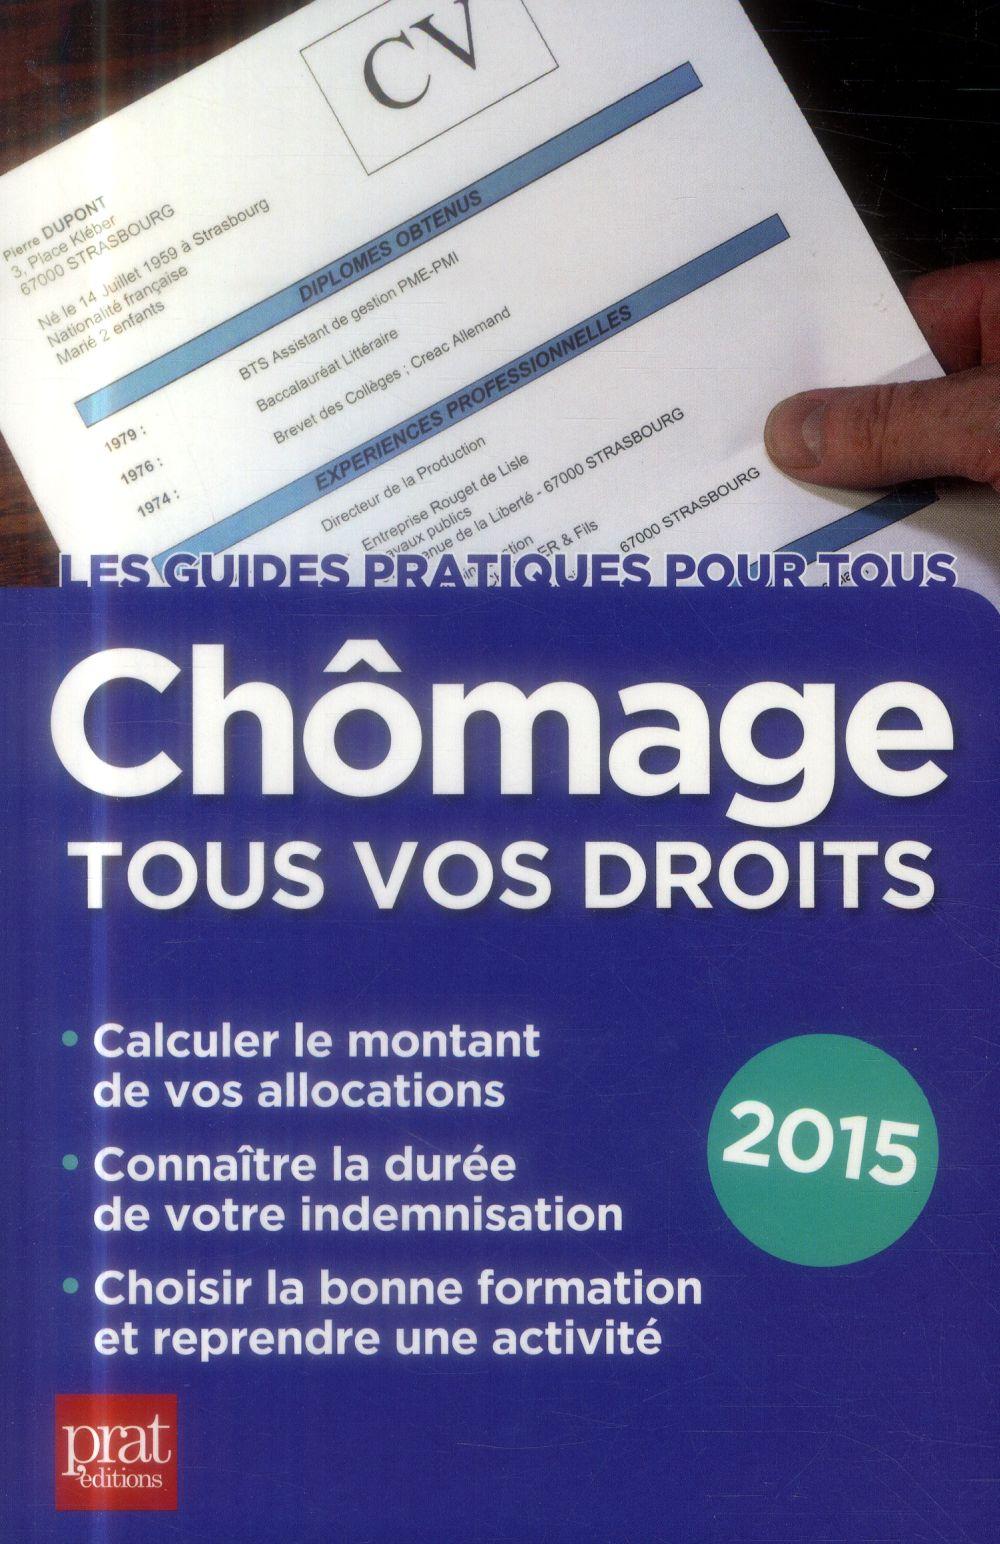 CHOMAGE TOUS VOS DROITS 2015